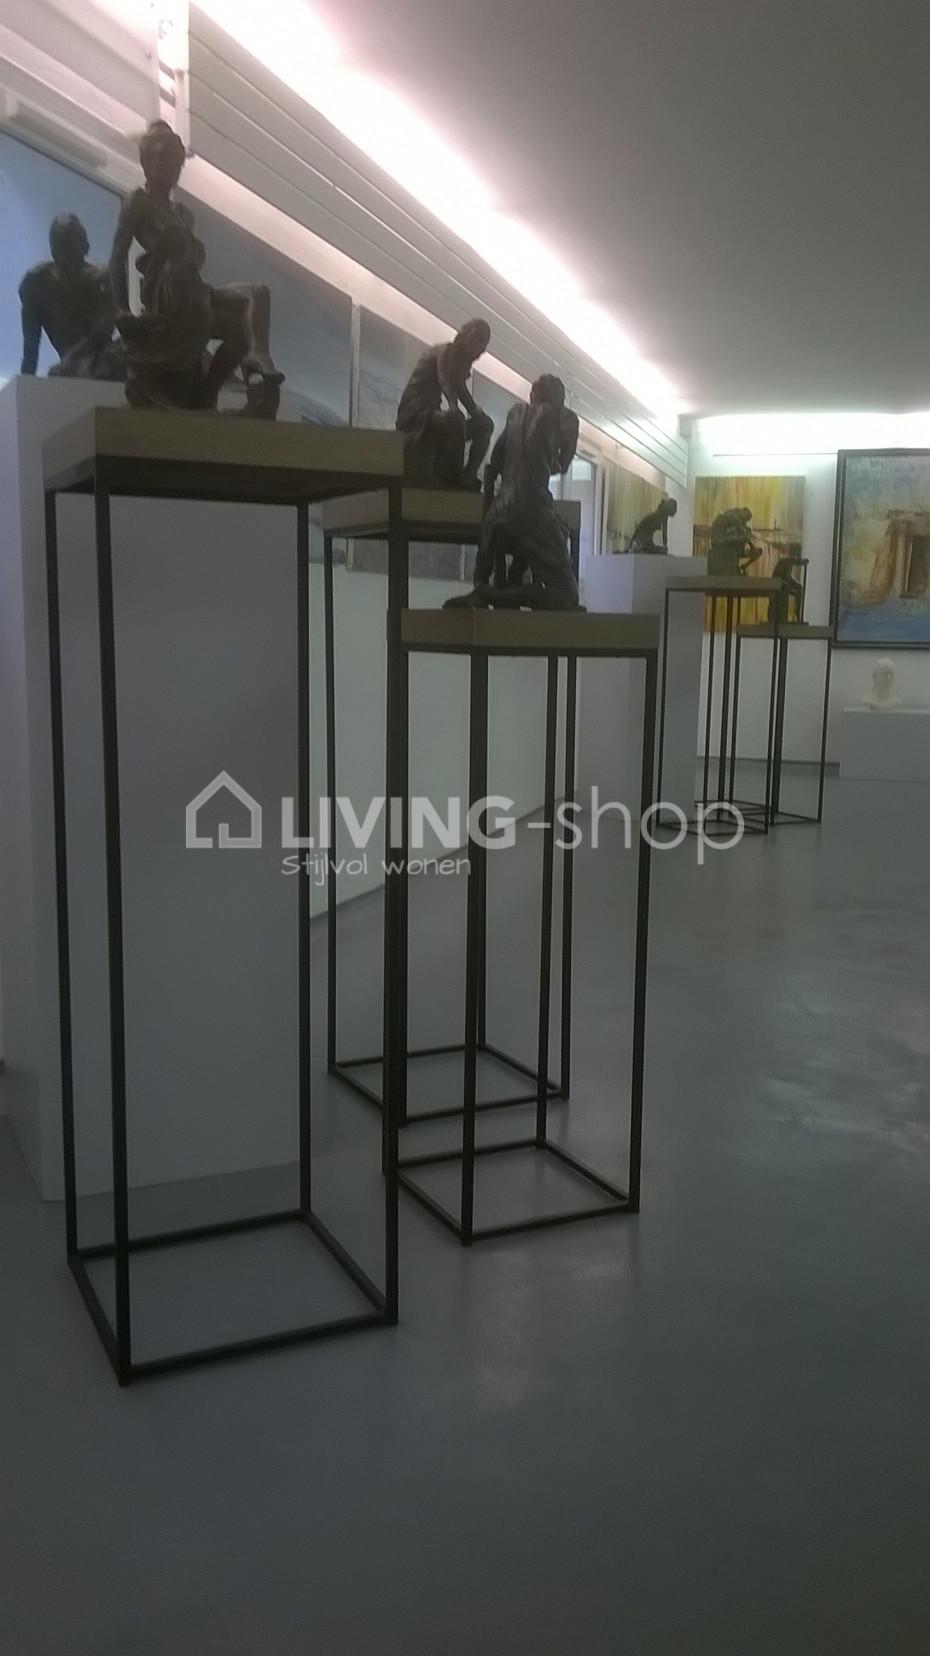 hoge-bijzettafels-loft-stijl-staanders